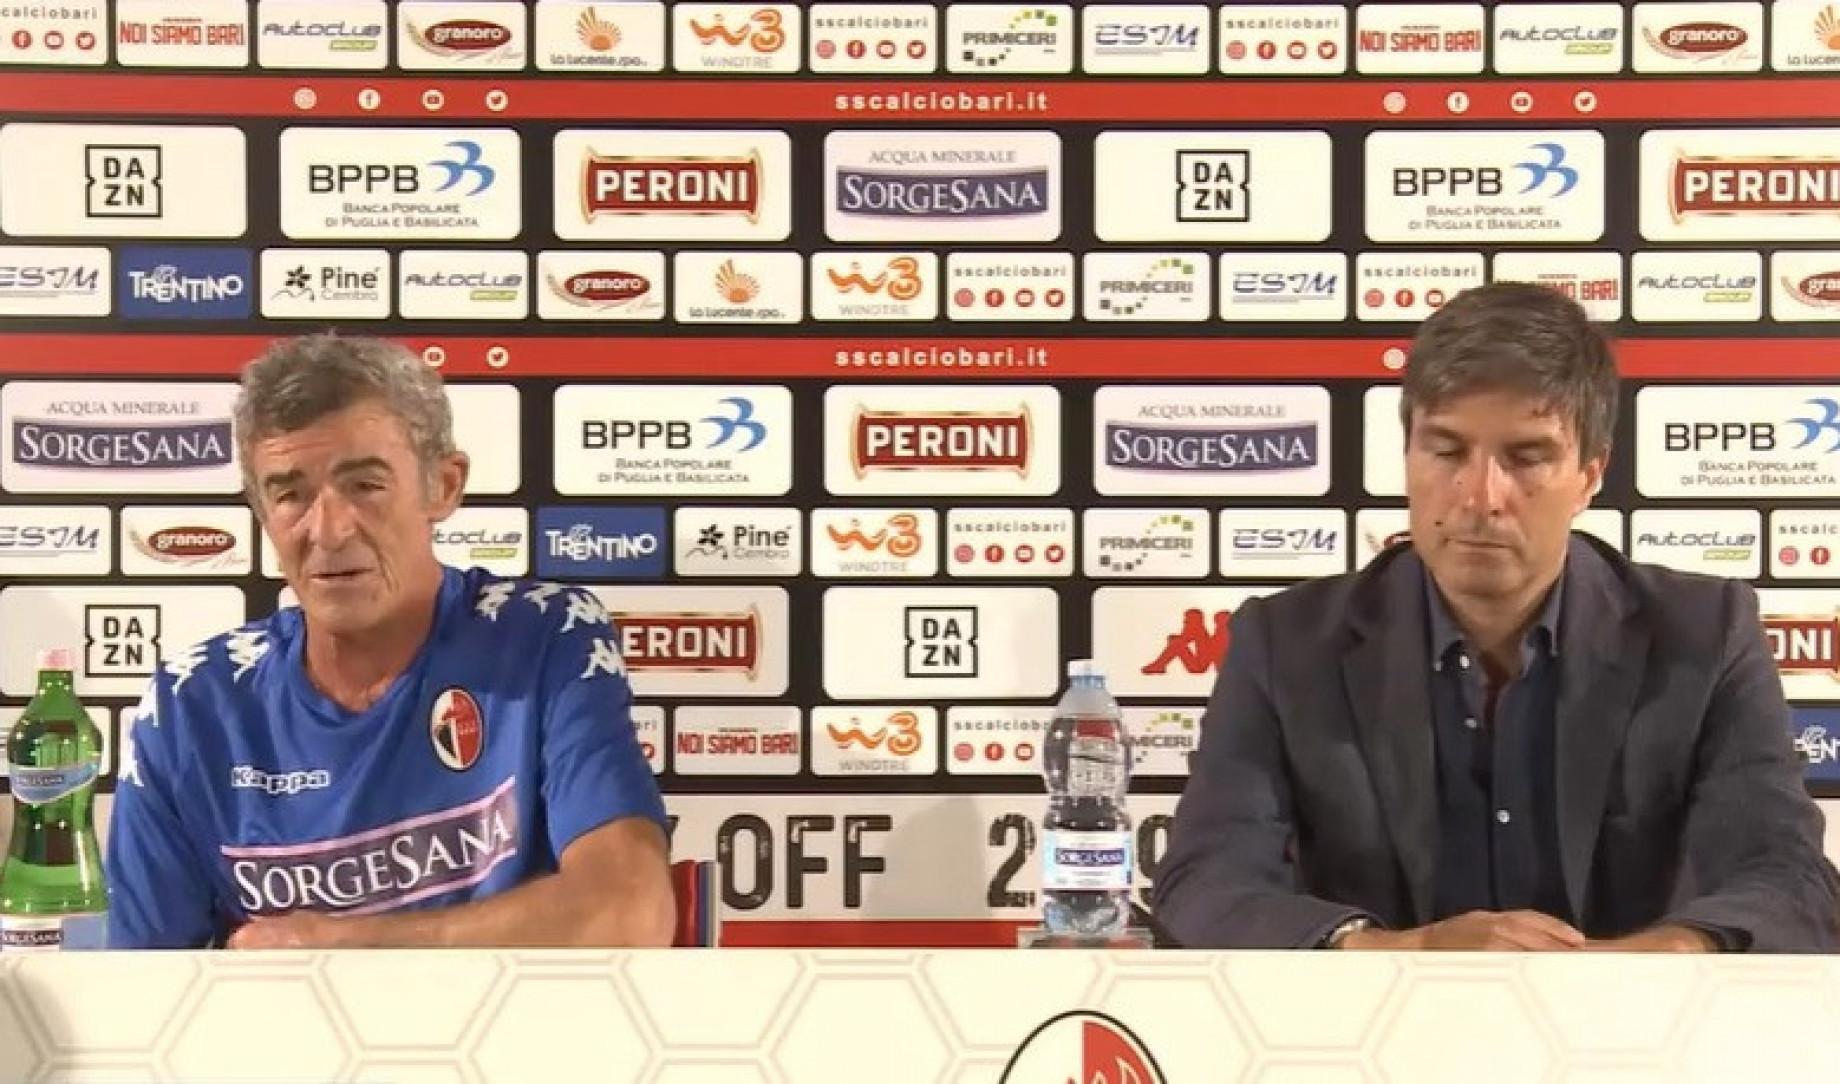 Di Marzio: Bari forza 4: in arrivo Candellone, Andreoni, Celiento e De Risio Bari_Auteri_Romairone_GDM